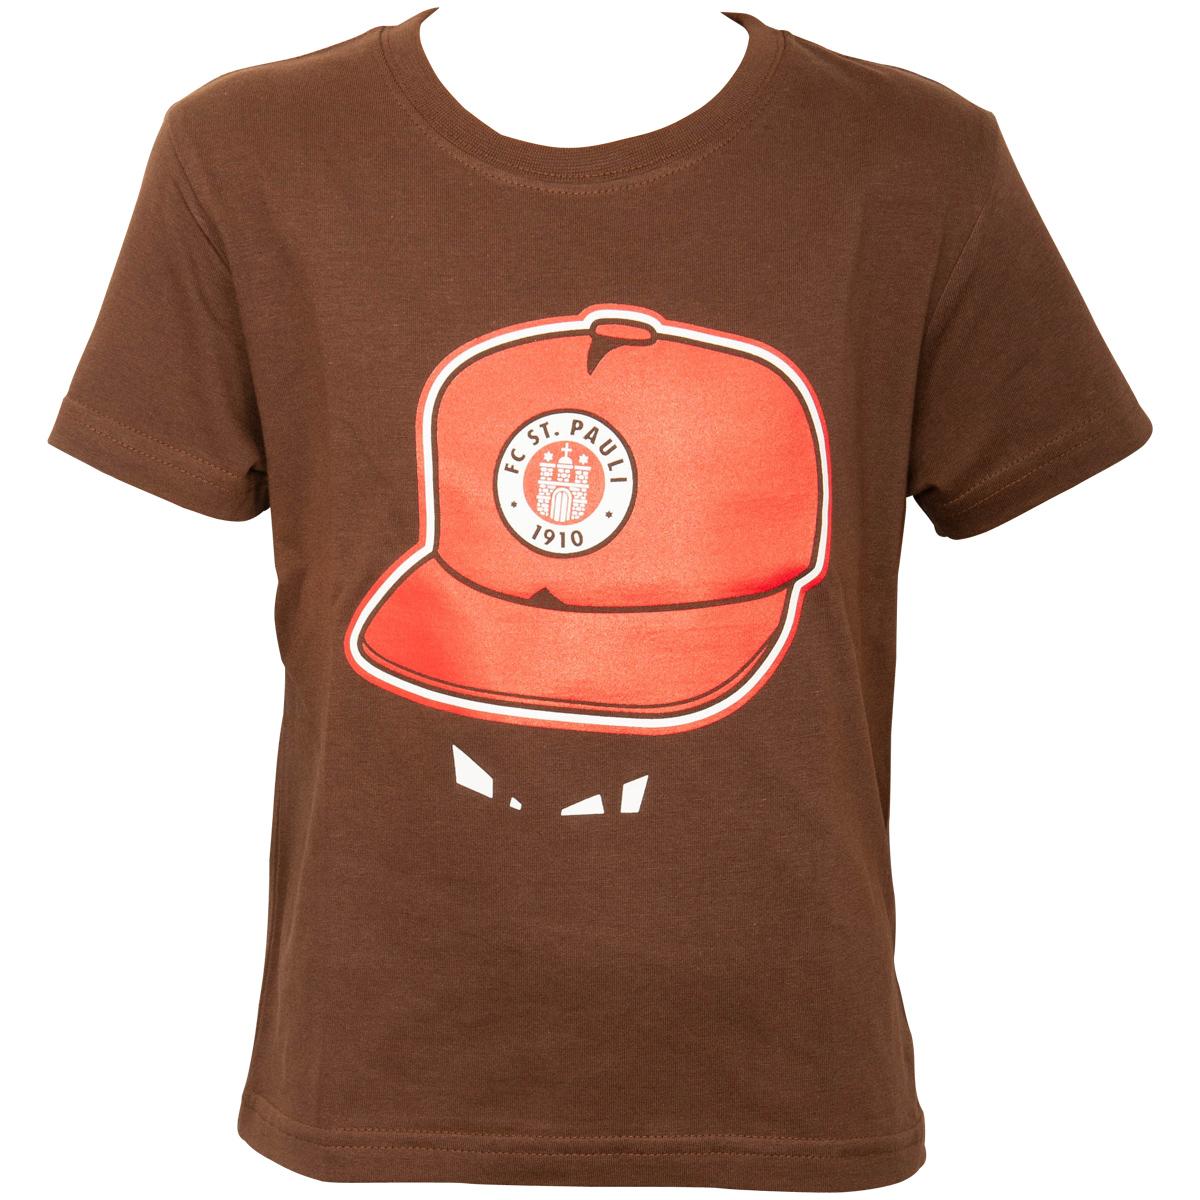 FC St. Pauli - Kinder T-Shirt Cap - braun